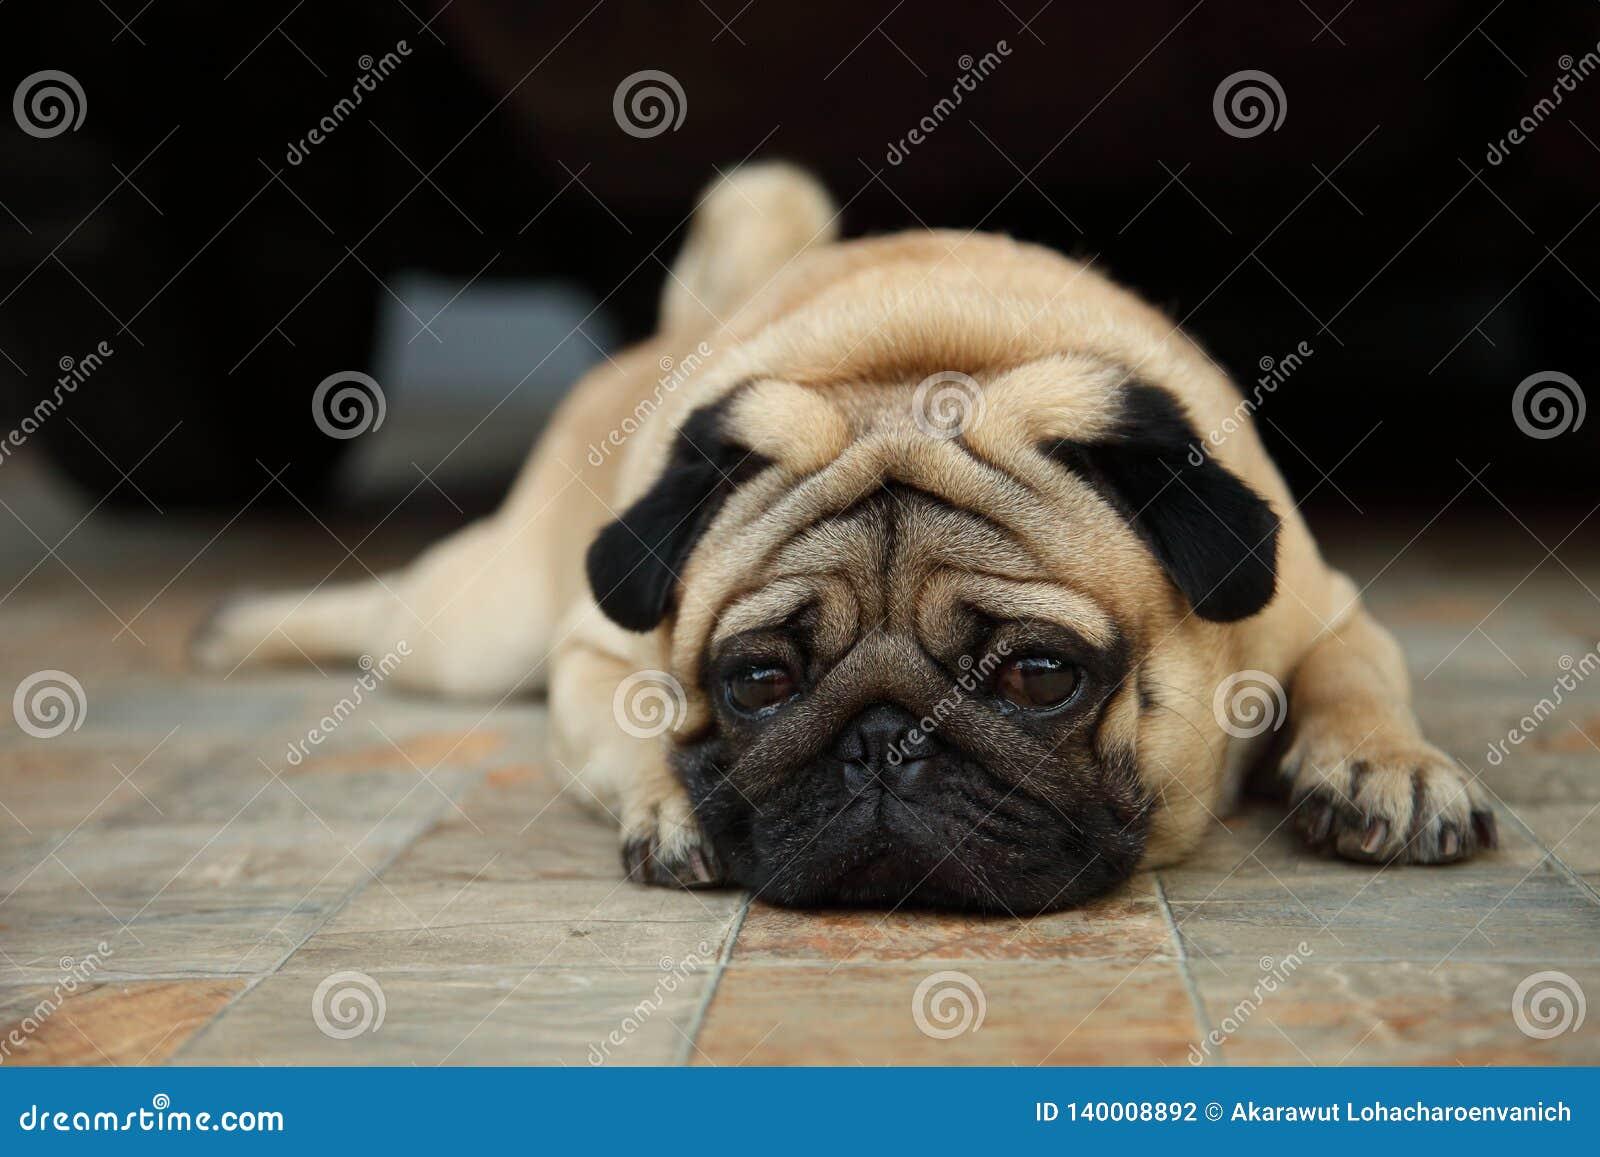 Грустная смотря собака мопса терпеливо ждет владельца для того чтобы прийти домой